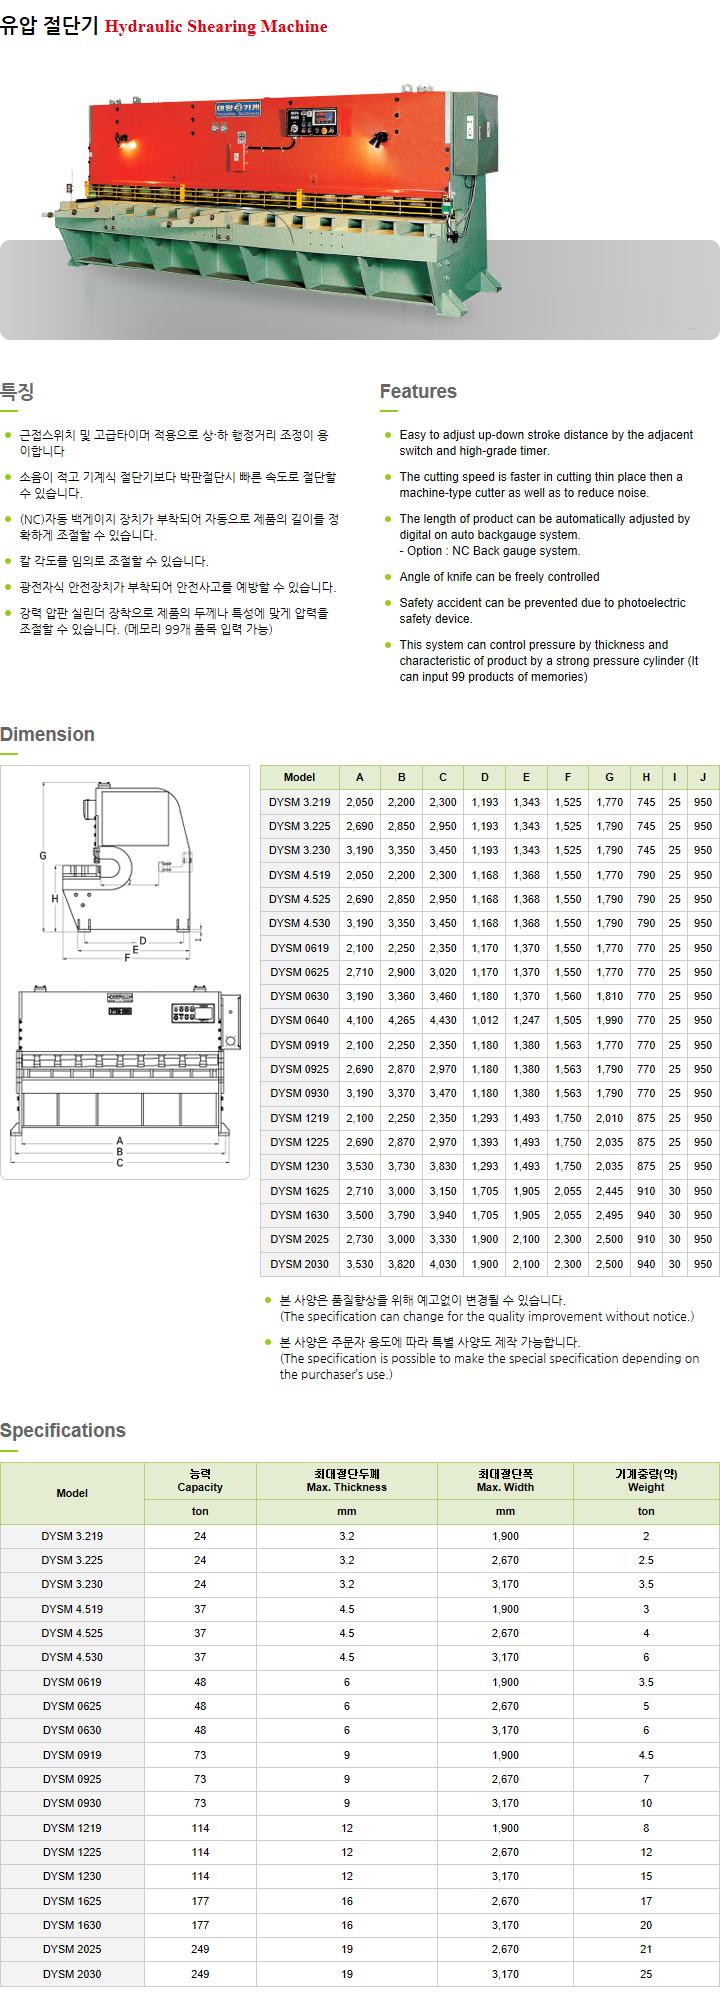 대양 에이치티엠(주) 유압 절단기 DYSM-Series